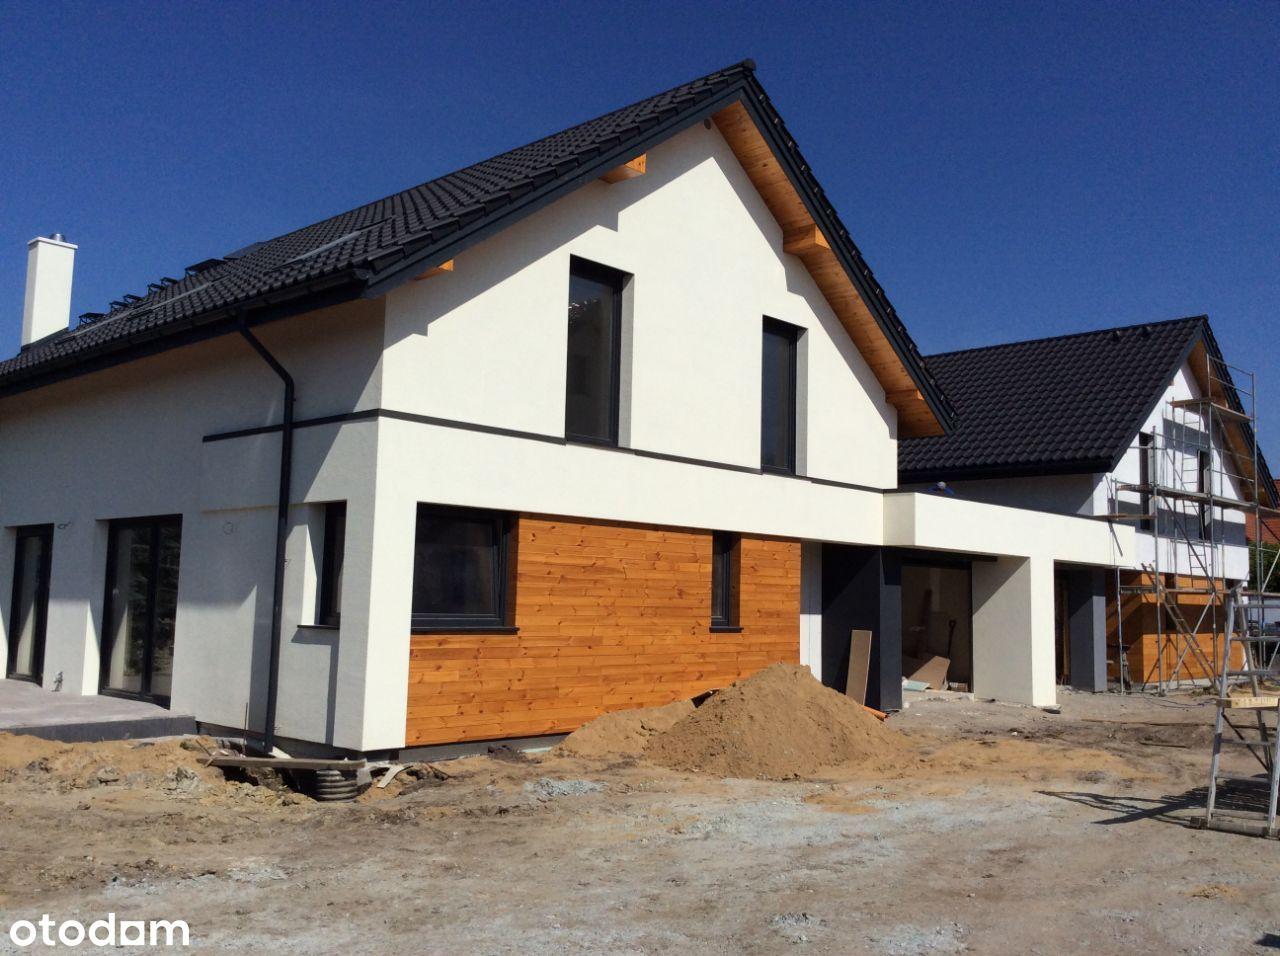 Dom jednorodzinny 177,70 m2 z ogrodem Wrocławska